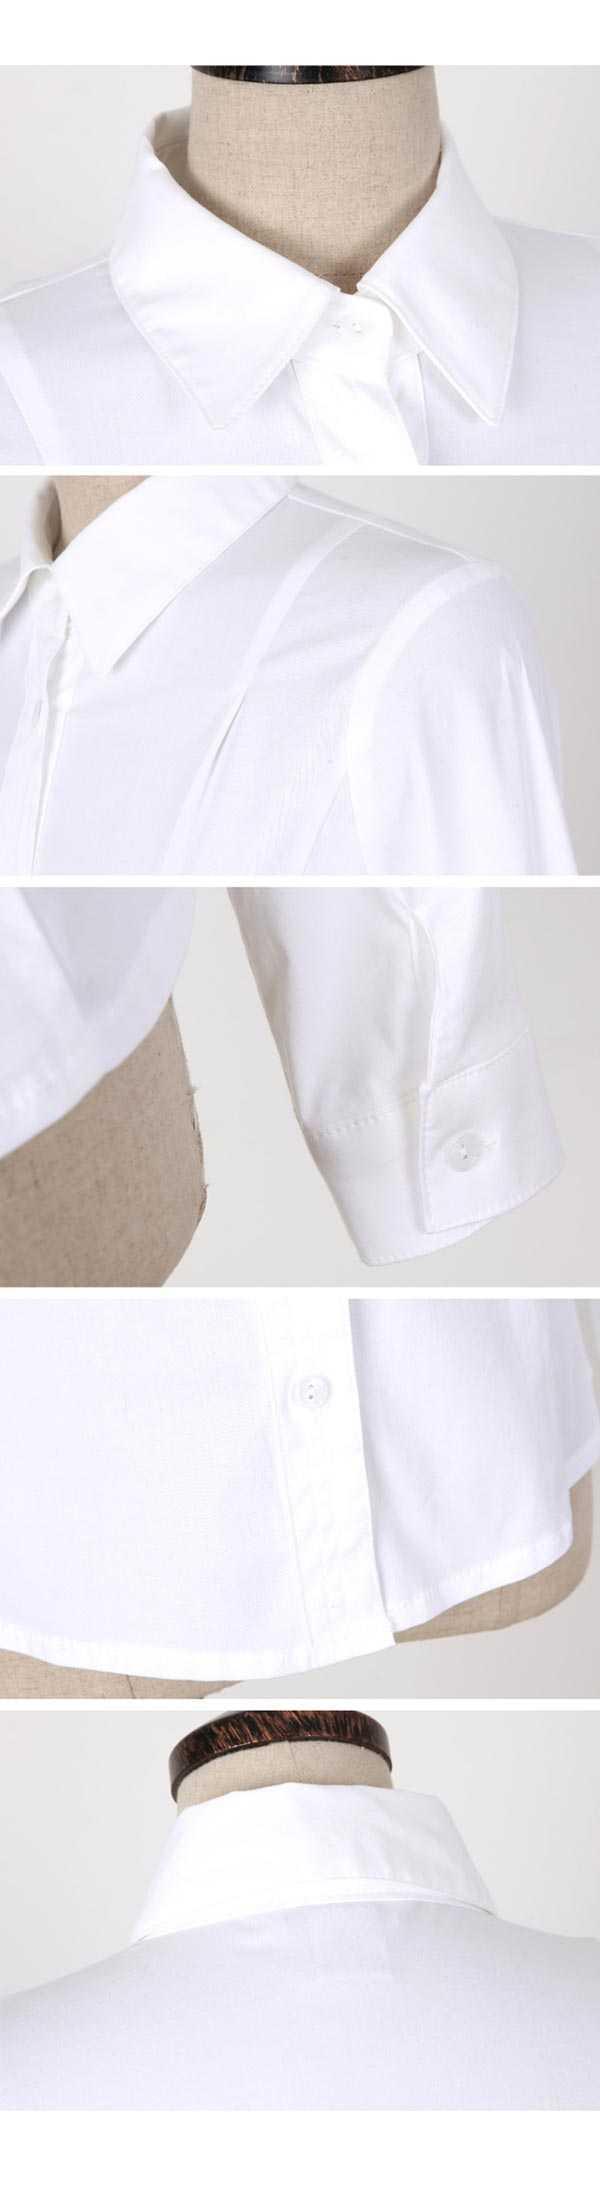 韩版原白色女衬衣细节图片